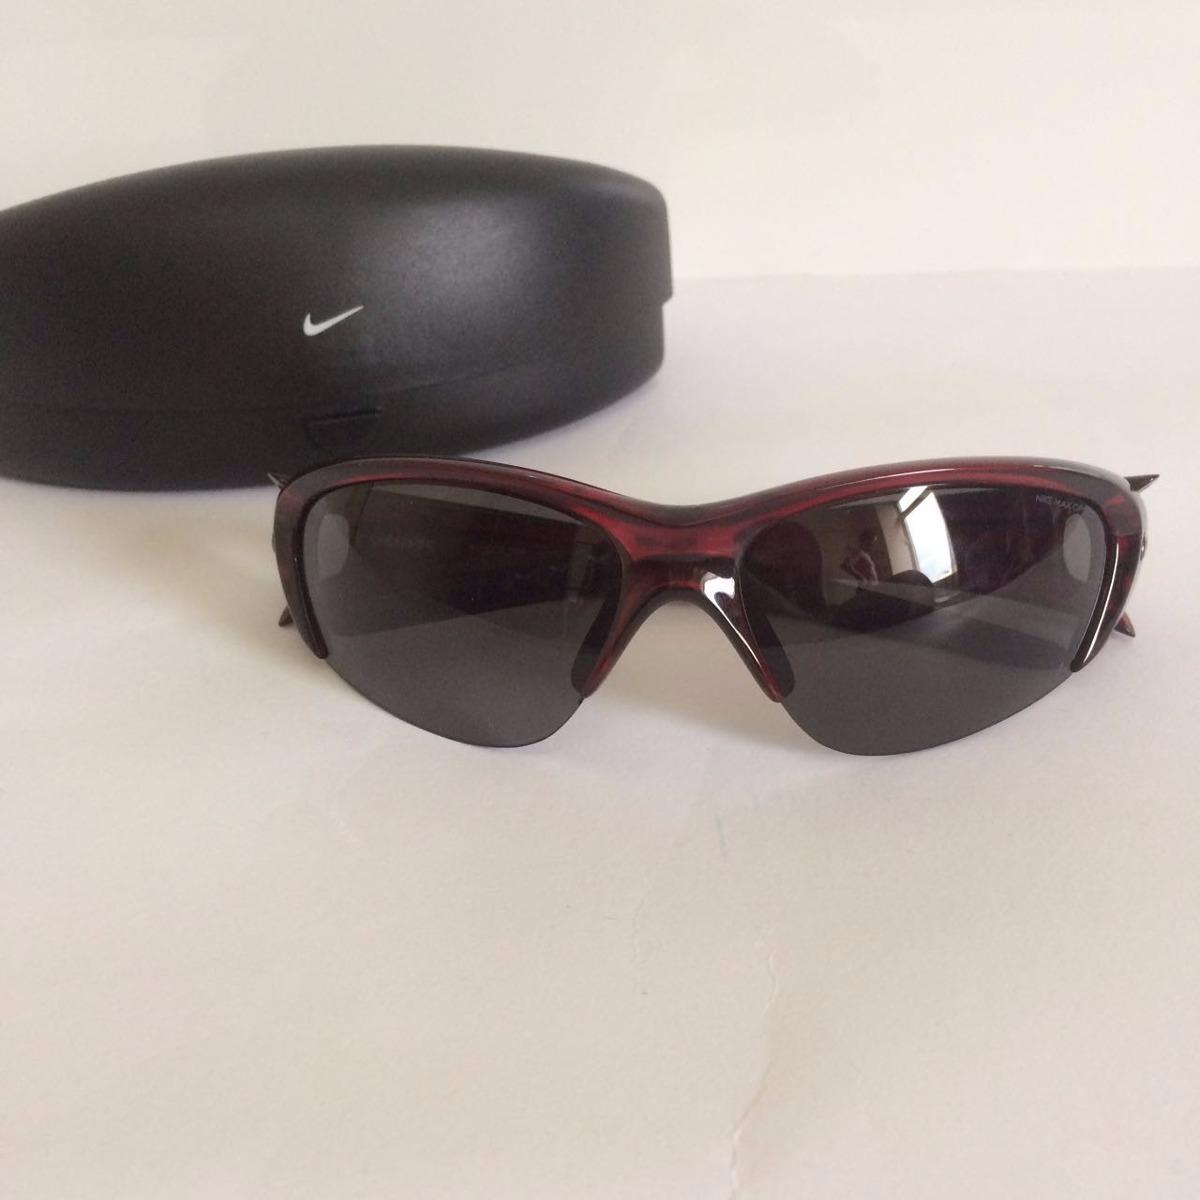 oculos de sol nike undermine masculino barato original. Carregando zoom. a9578b8f71